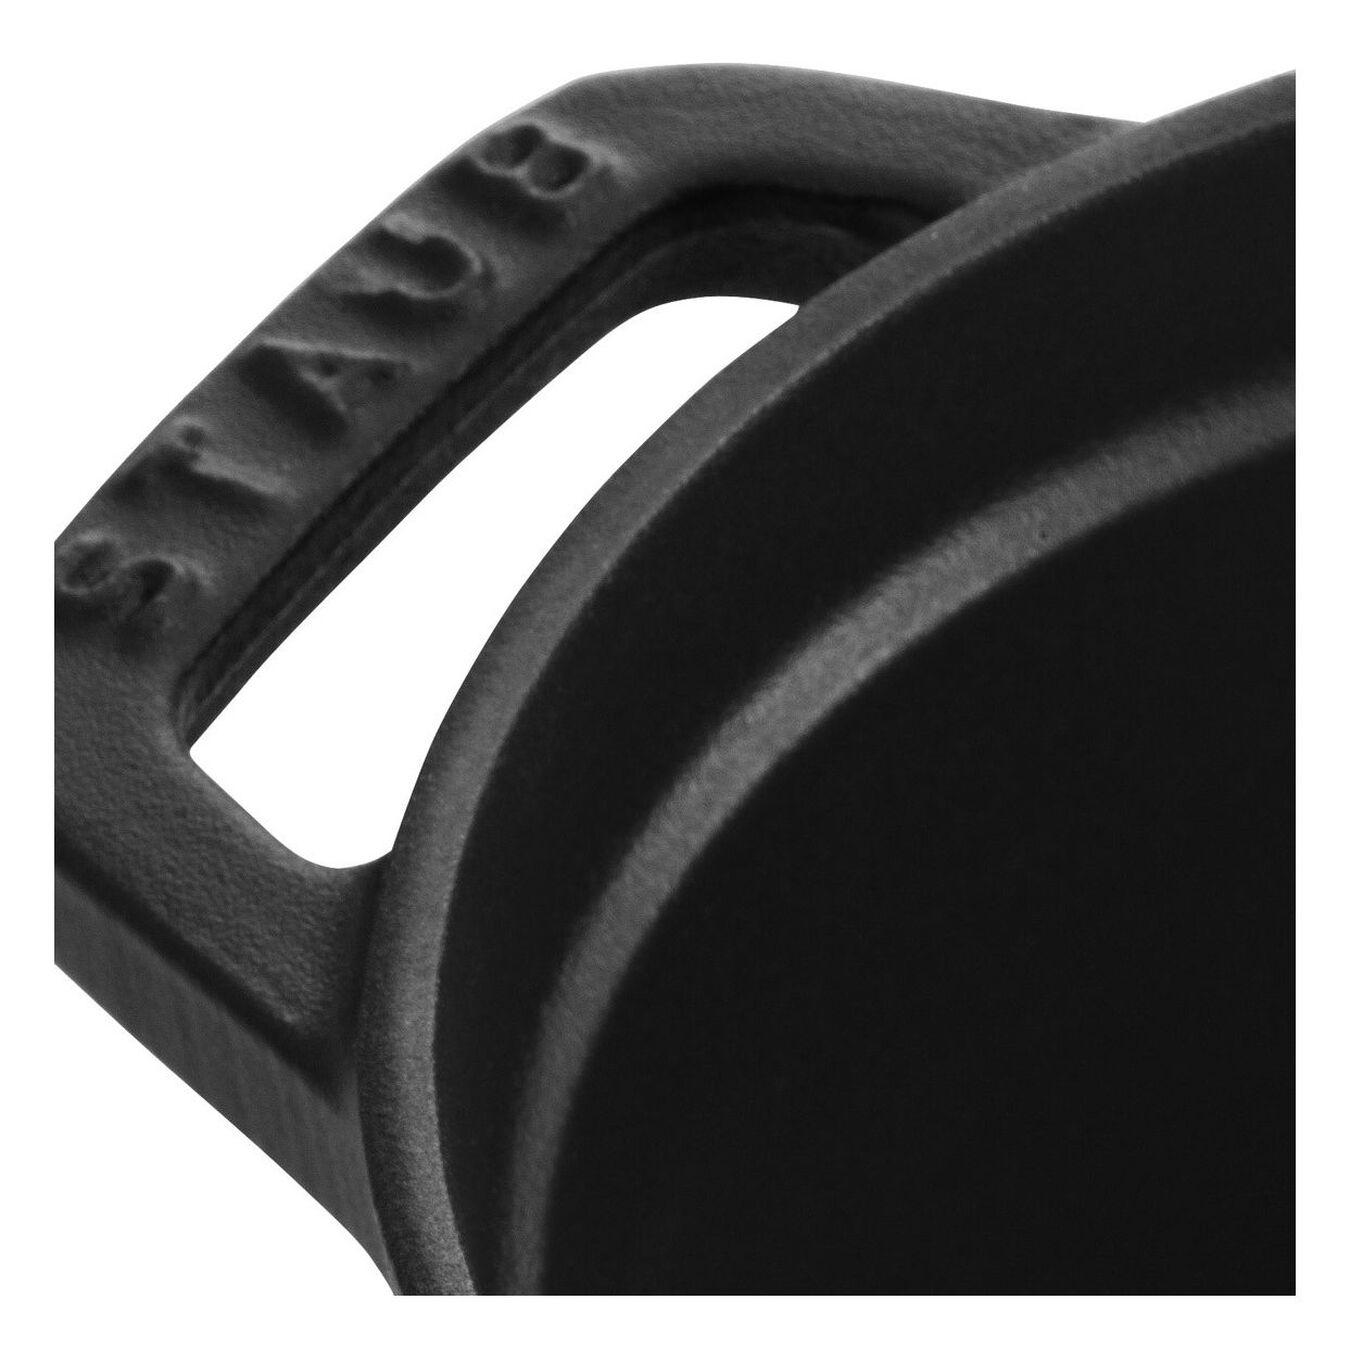 Cocotte 17 cm, Ovale, Noir, Fonte,,large 4